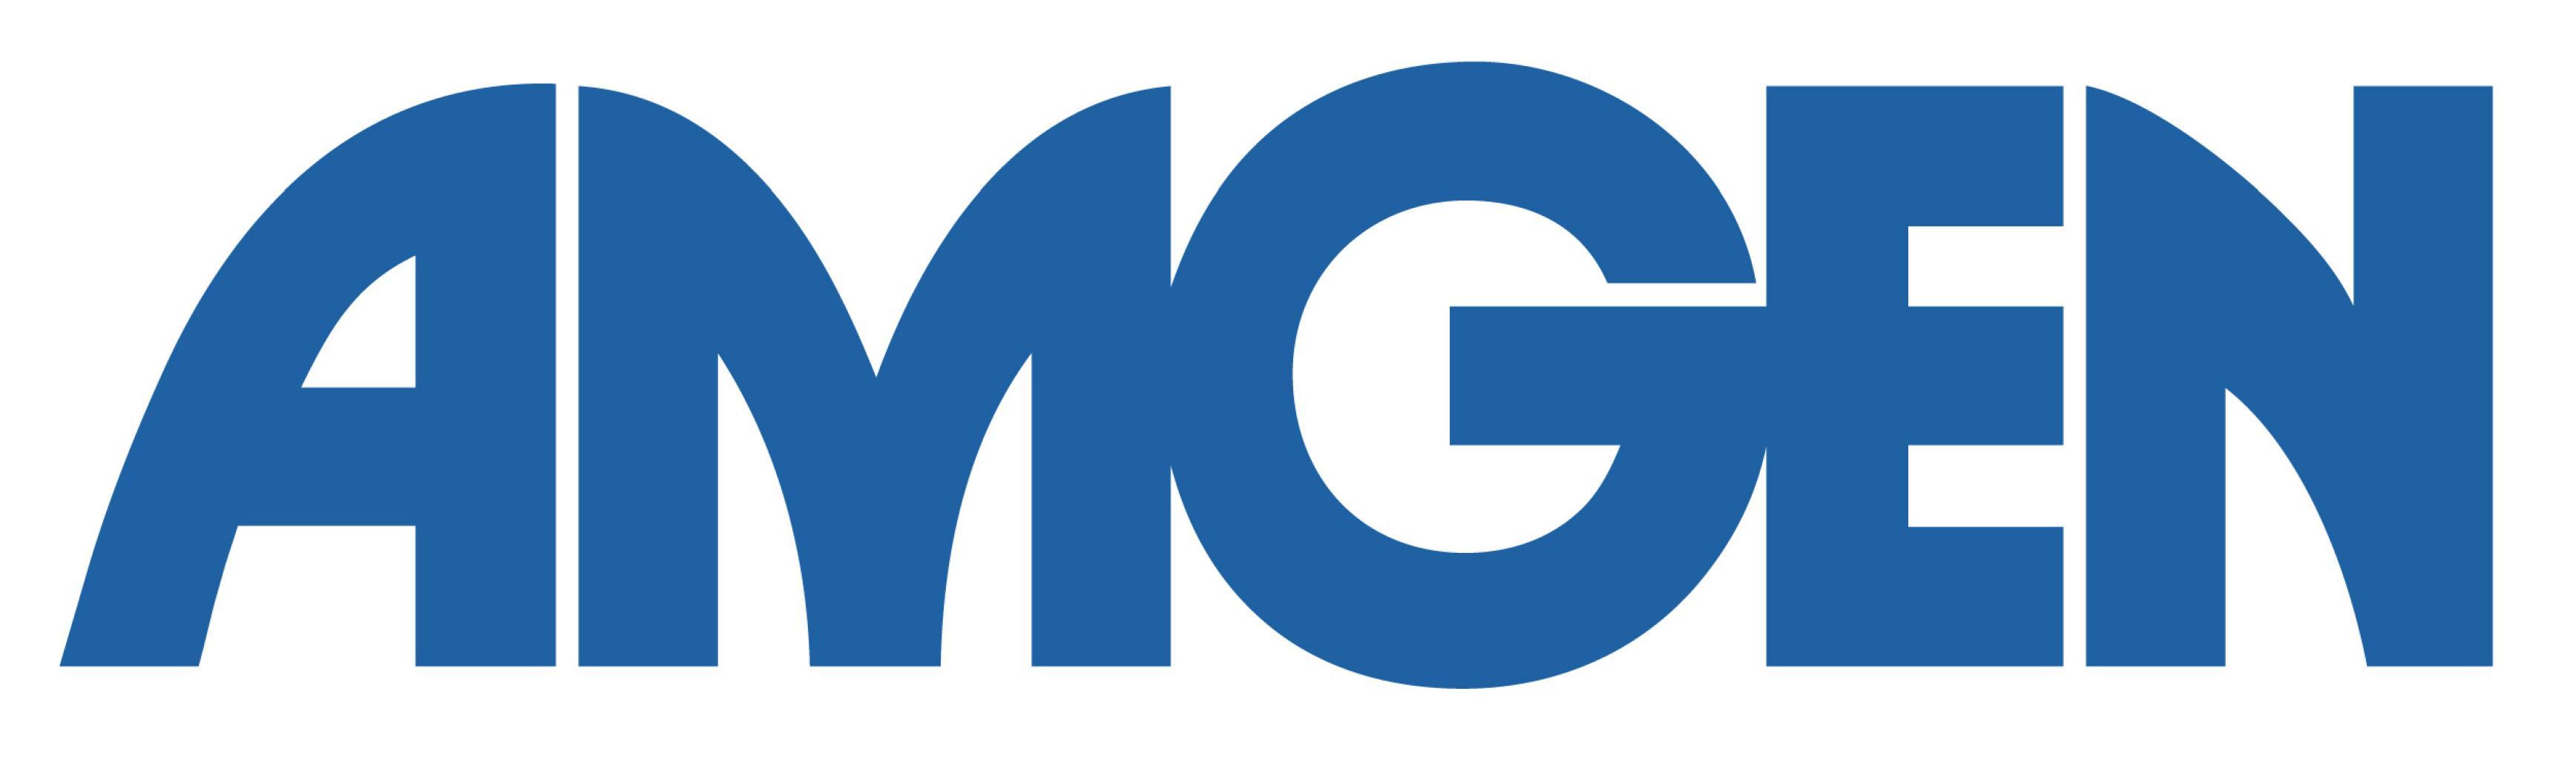 Amgen (AMGN) Dividend Stock Analysis - Dividend Value Builder